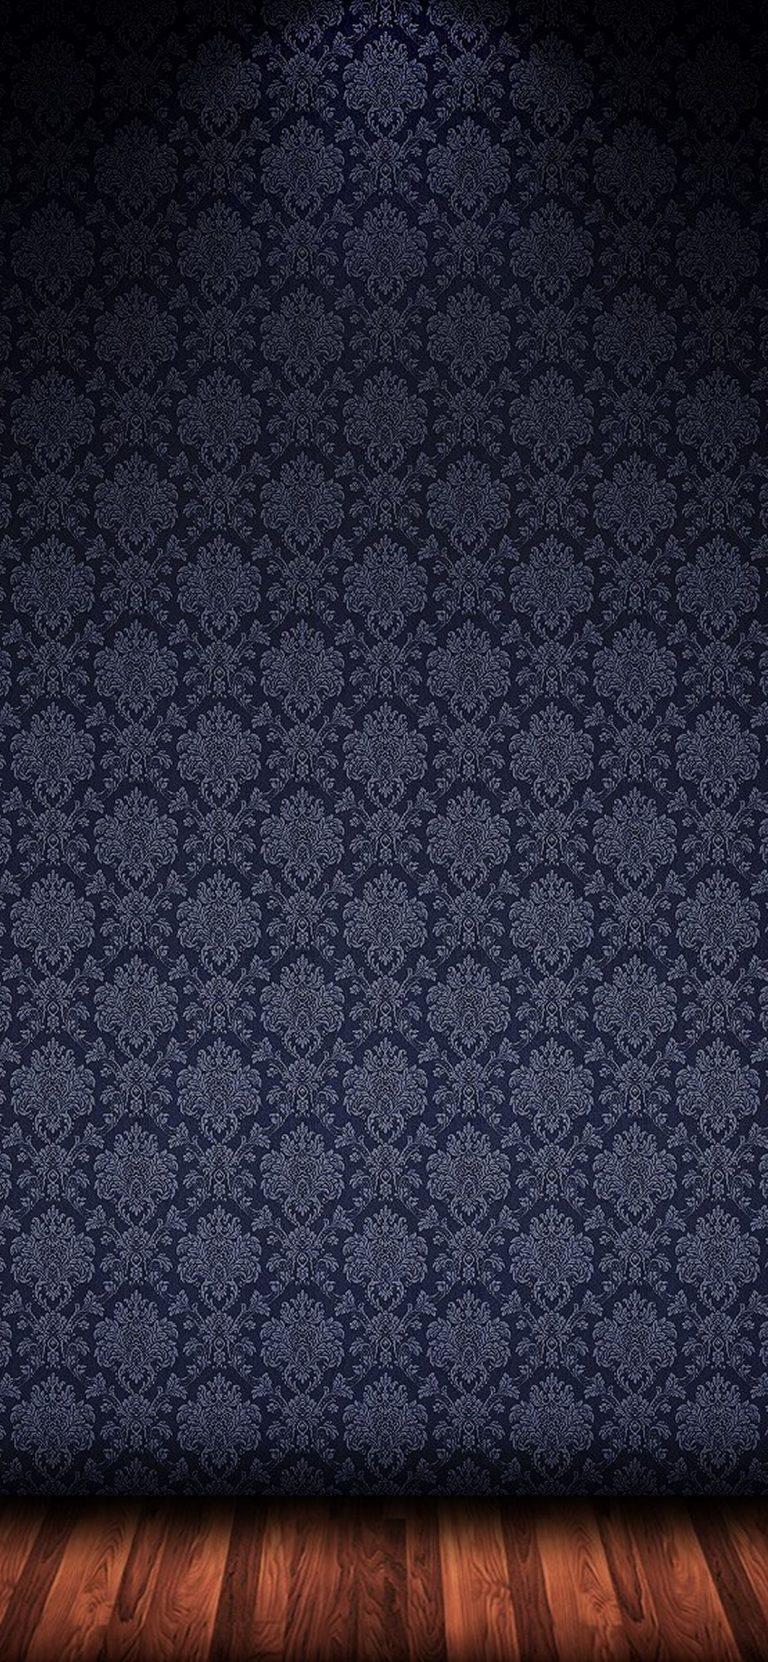 1242x2688 Wallpaper 390 768x1662